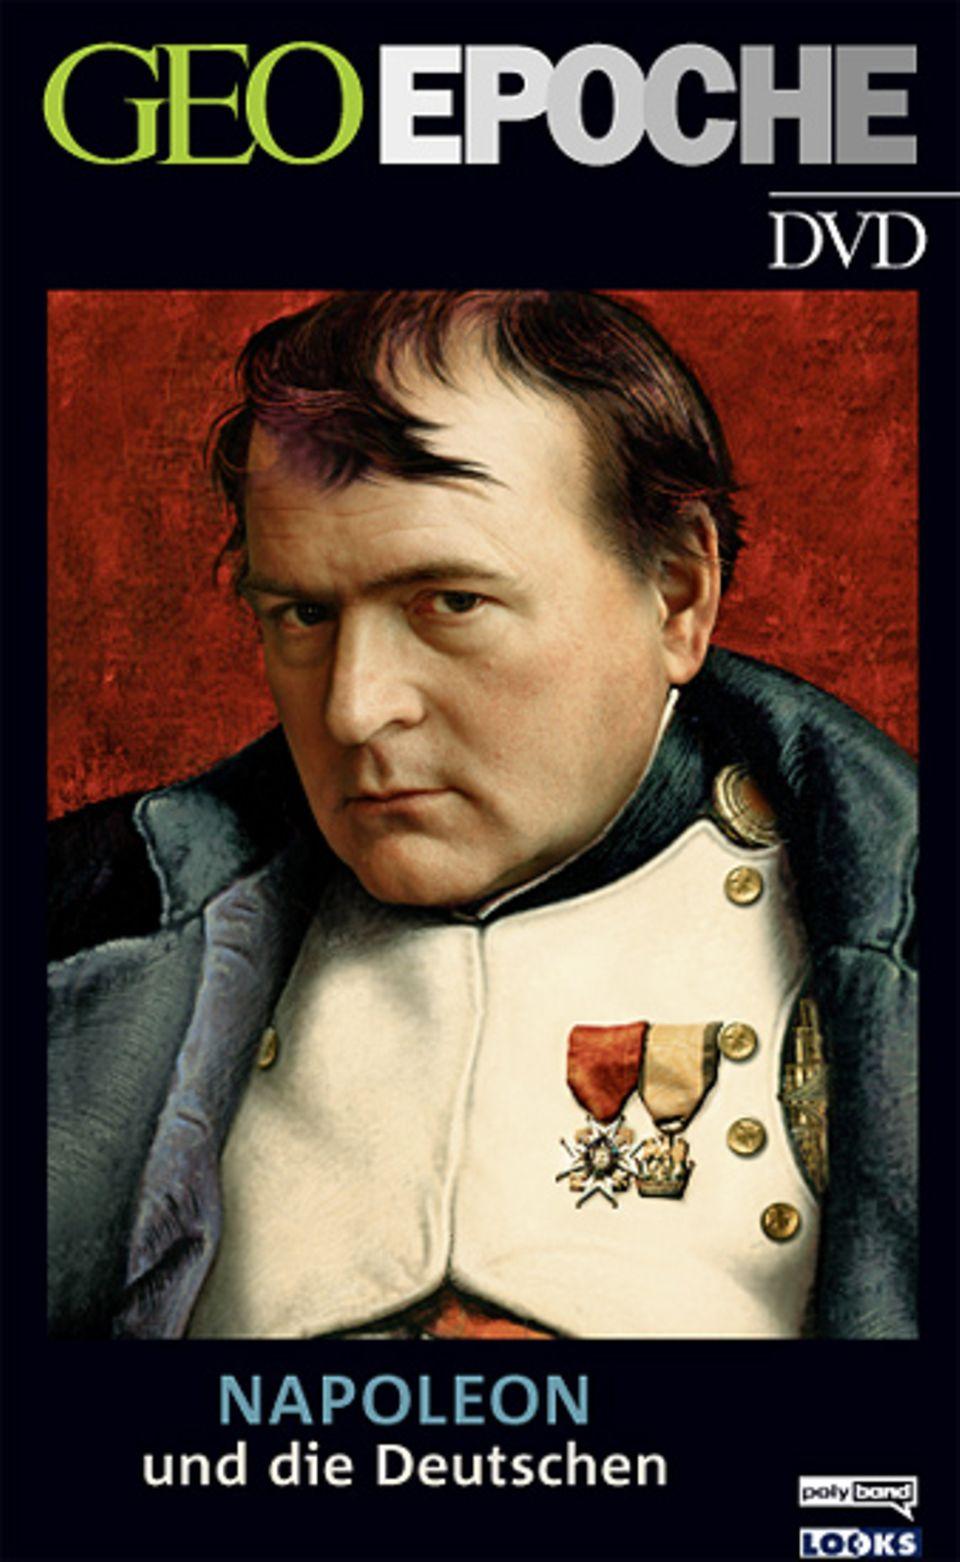 Die Deutsche Romantik: GEOEPOCHE-DVD: Napoleon und die Deutschen